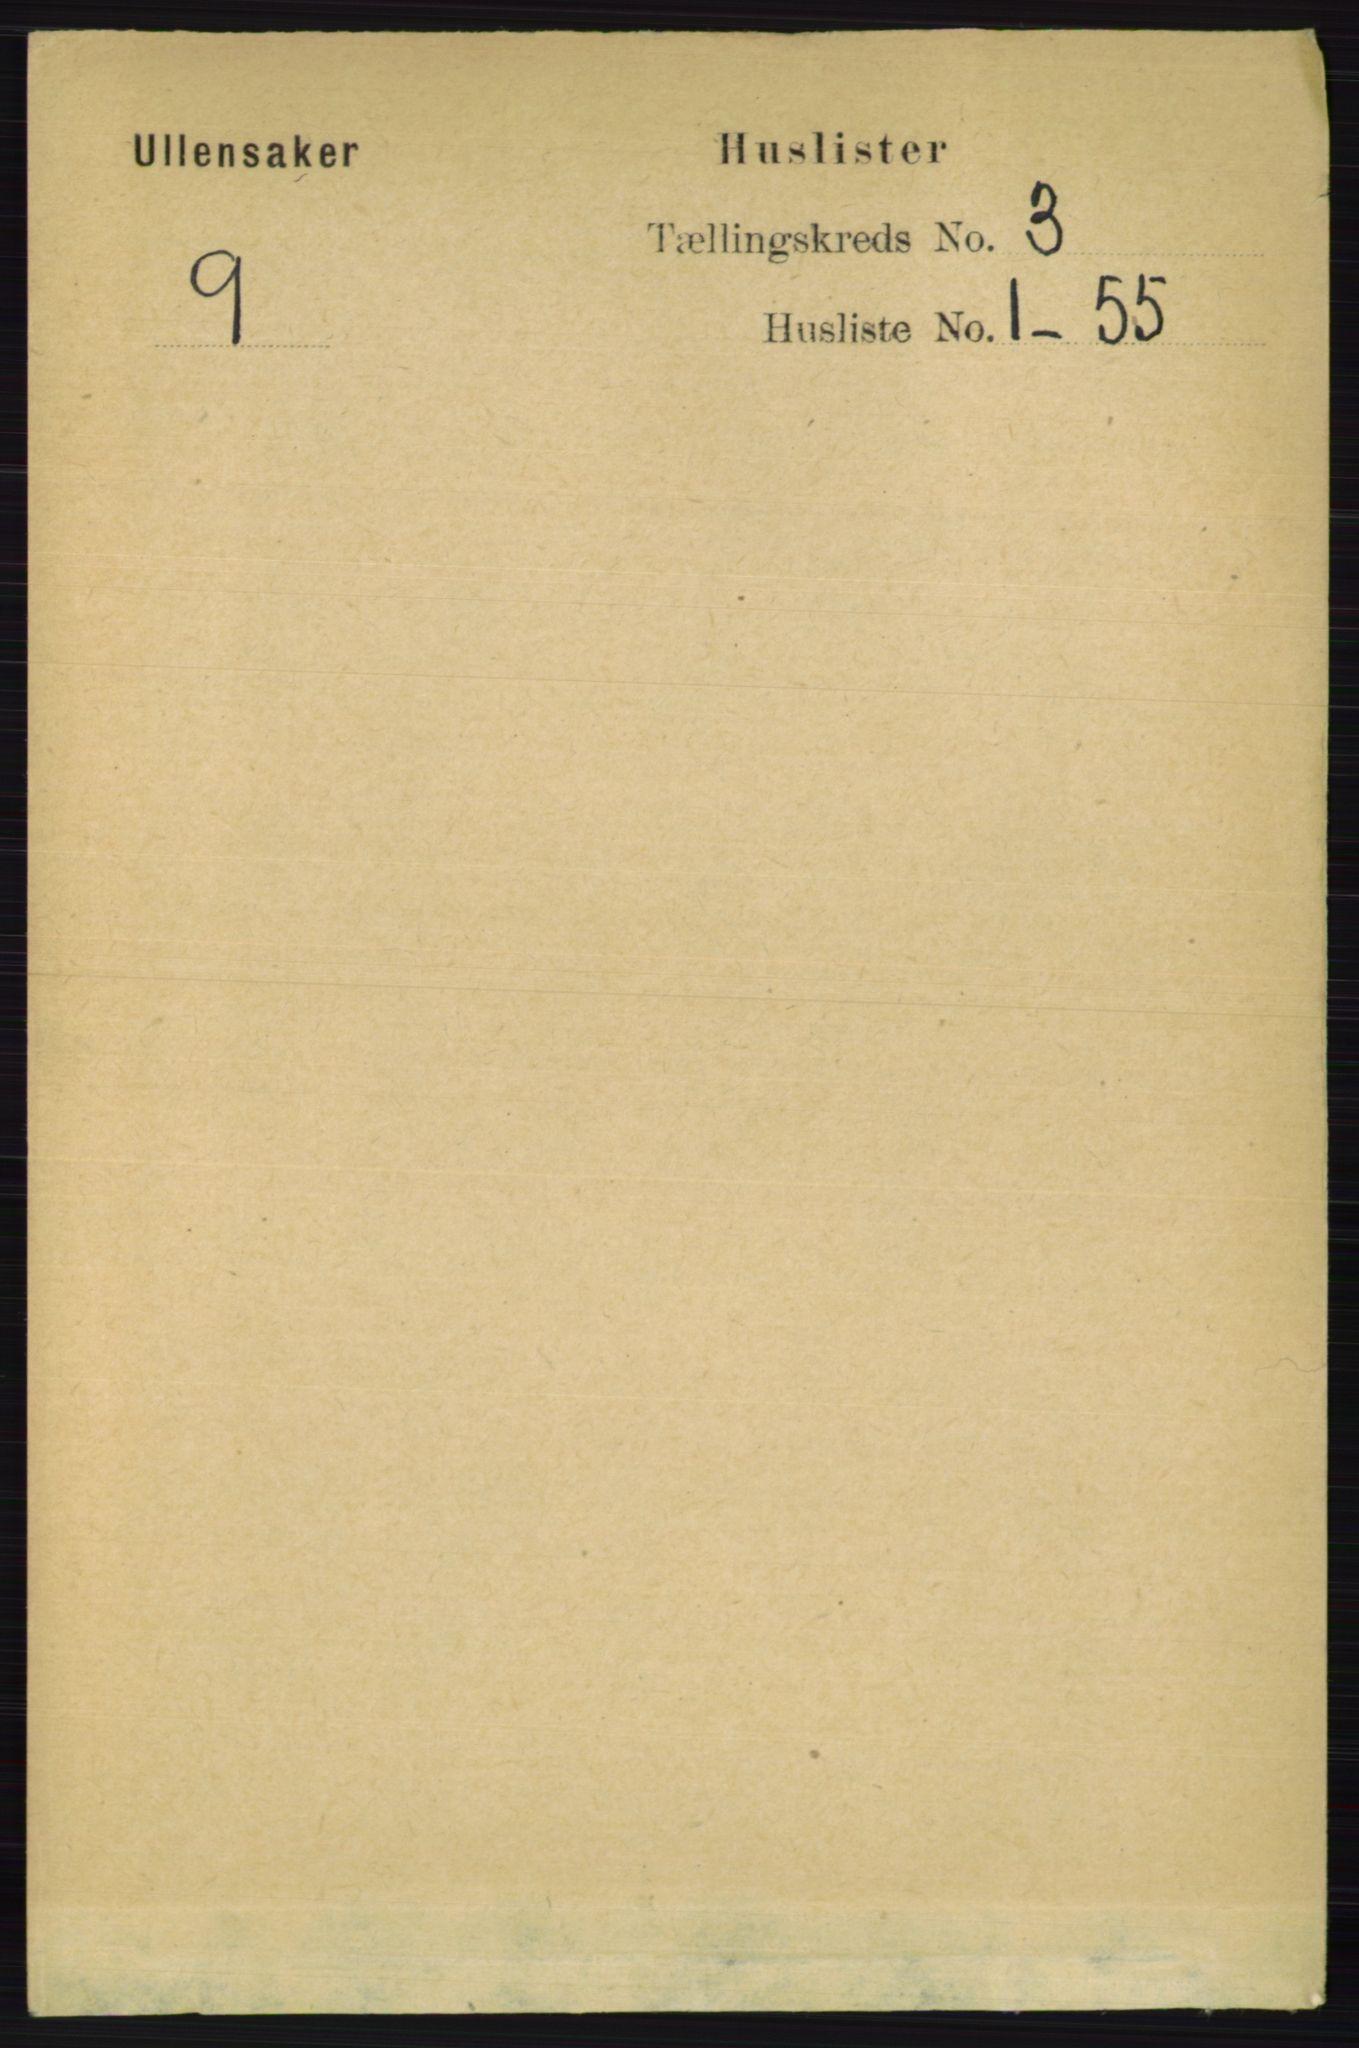 RA, Folketelling 1891 for 0235 Ullensaker herred, 1891, s. 1059